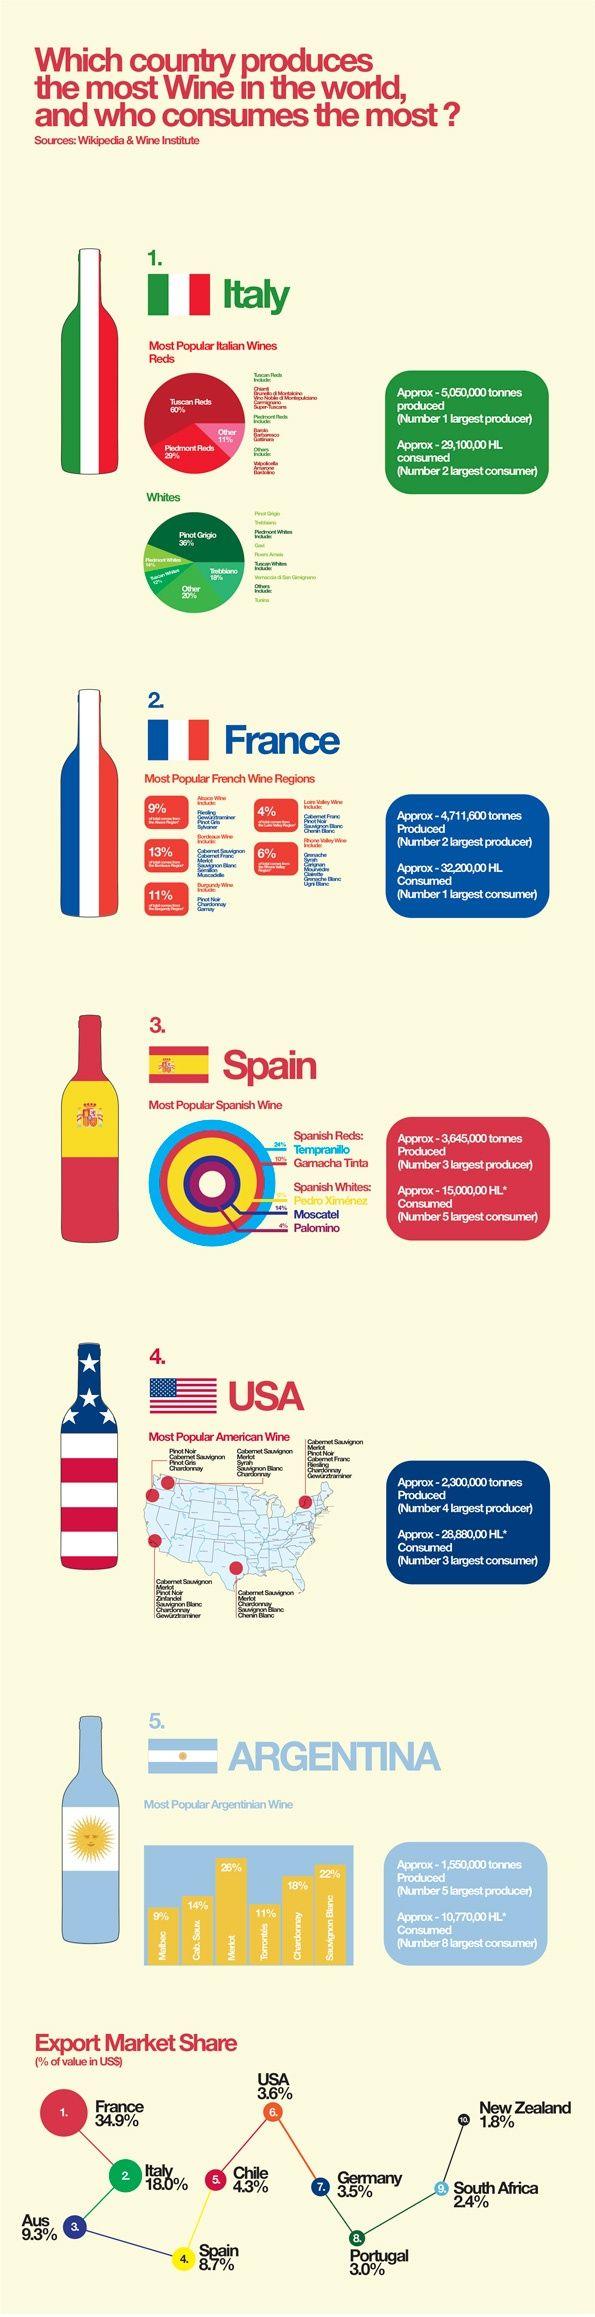 Mayores productores y consumidores mundiales de #vino #infografía  Fuente: elrincondelombok.com: Wine, Wine Products, Red Wine, Website, Web Site, Wine Infographic, Country Produce, Internet Site, Wine Bottle